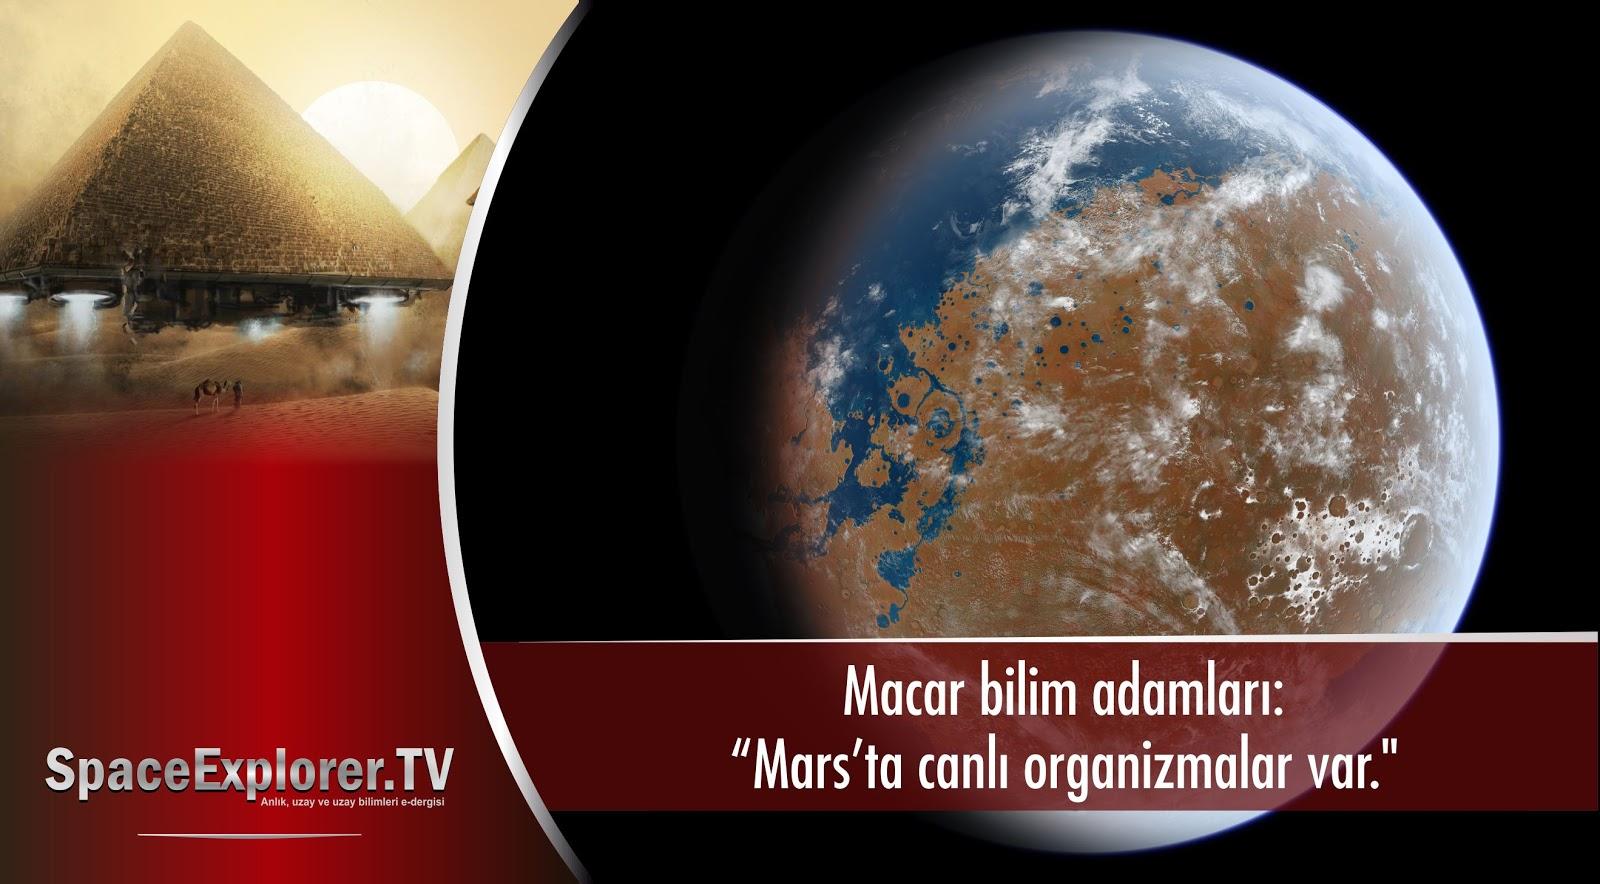 Videolar, Mars, Merih, Merih'e nasıl kaçırıldım, Mars'ta yaşam var mı, Uzayda hayat var mı?, Evrende yalnız mıyız?,